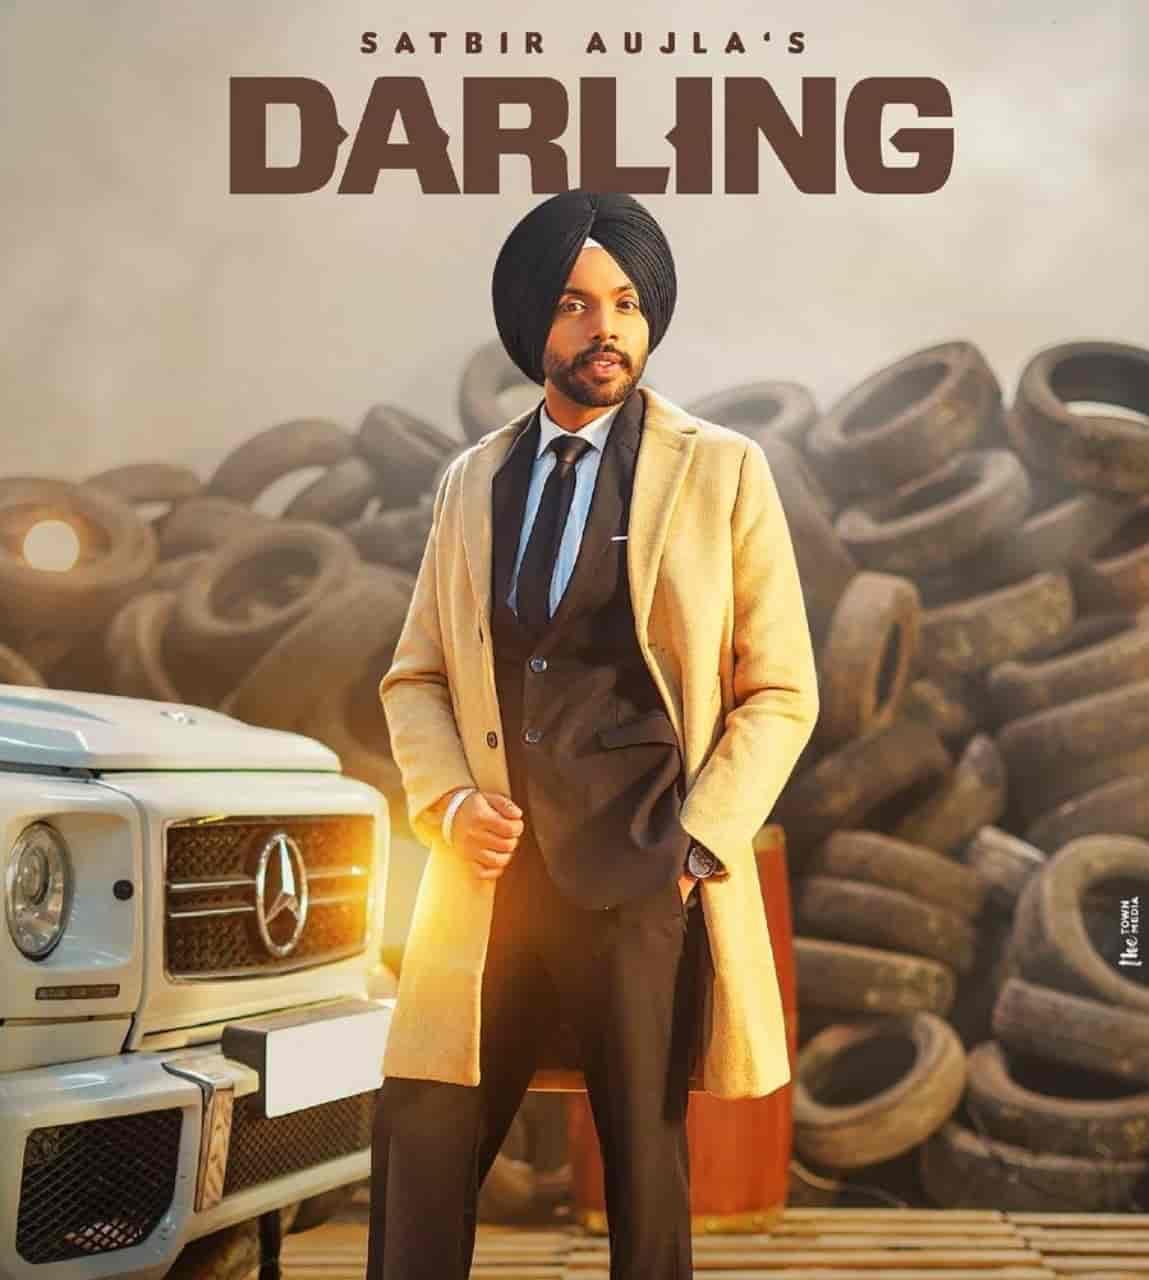 Darling Punjabi Song Image Features Satbir Aujla